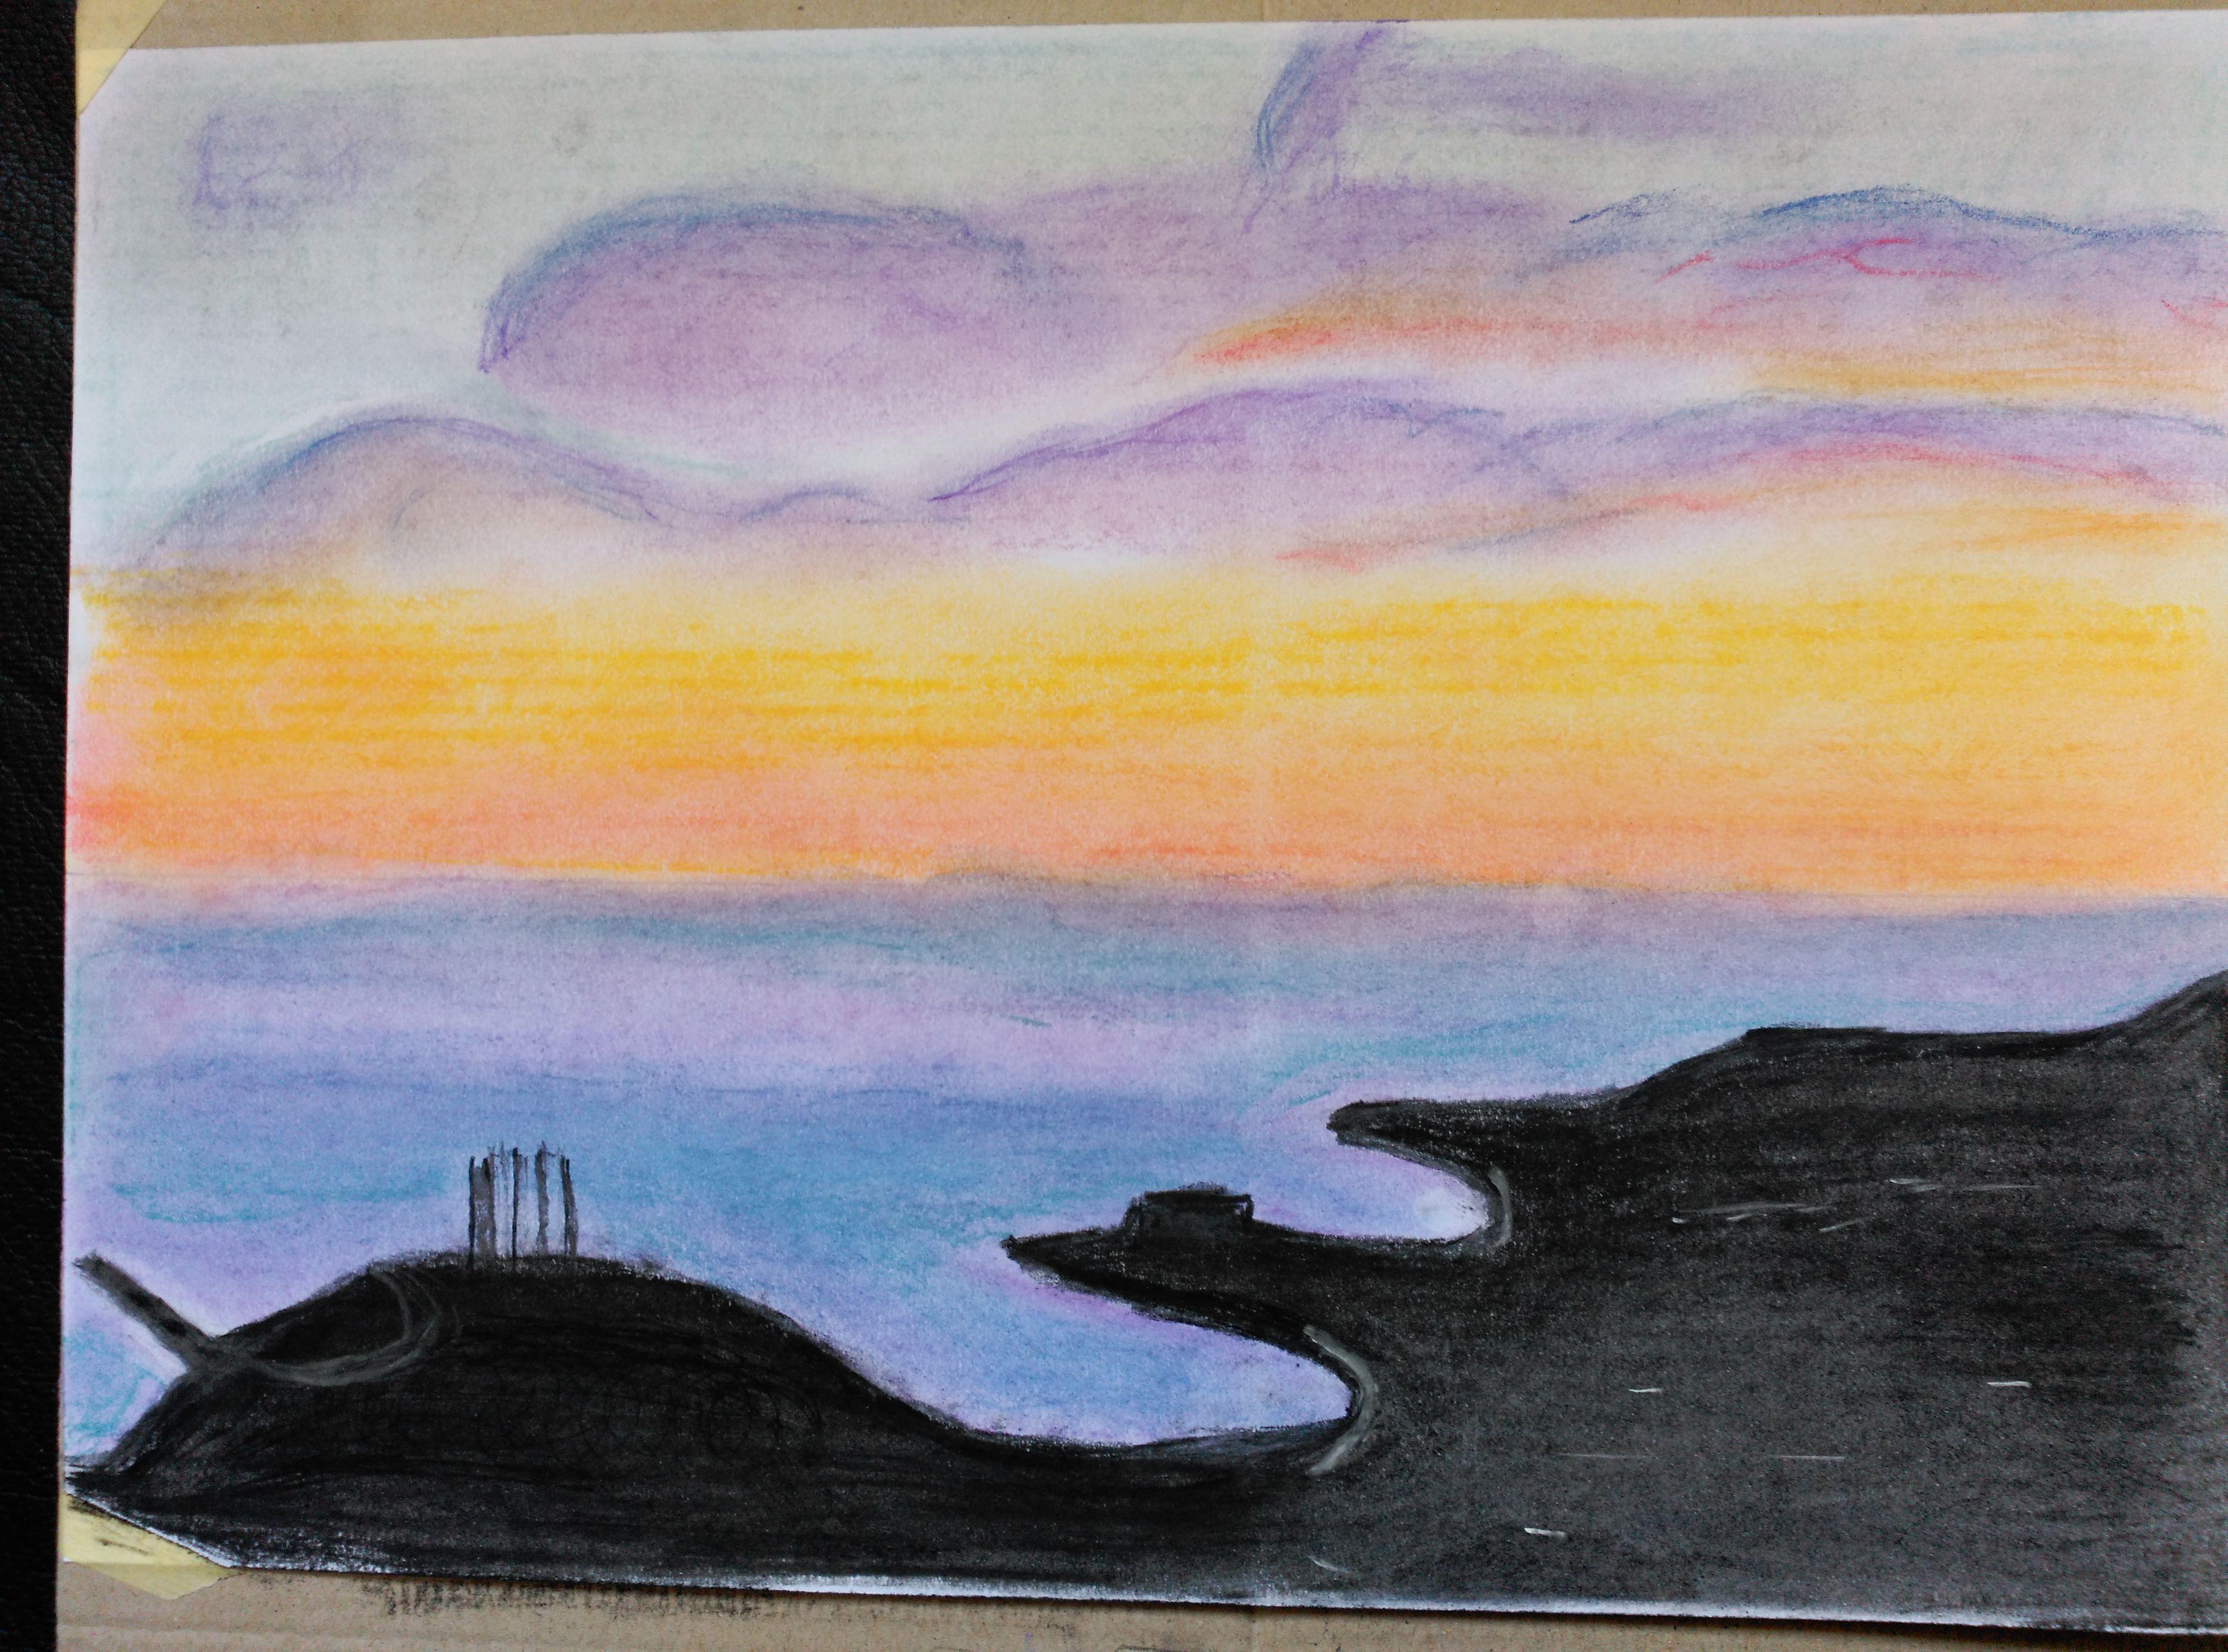 Atardecer En La Ciudad Dibujo Con Colores Pastel Dibujos De Colores Dibujos Con Colores Pastel Ciudad Dibujo